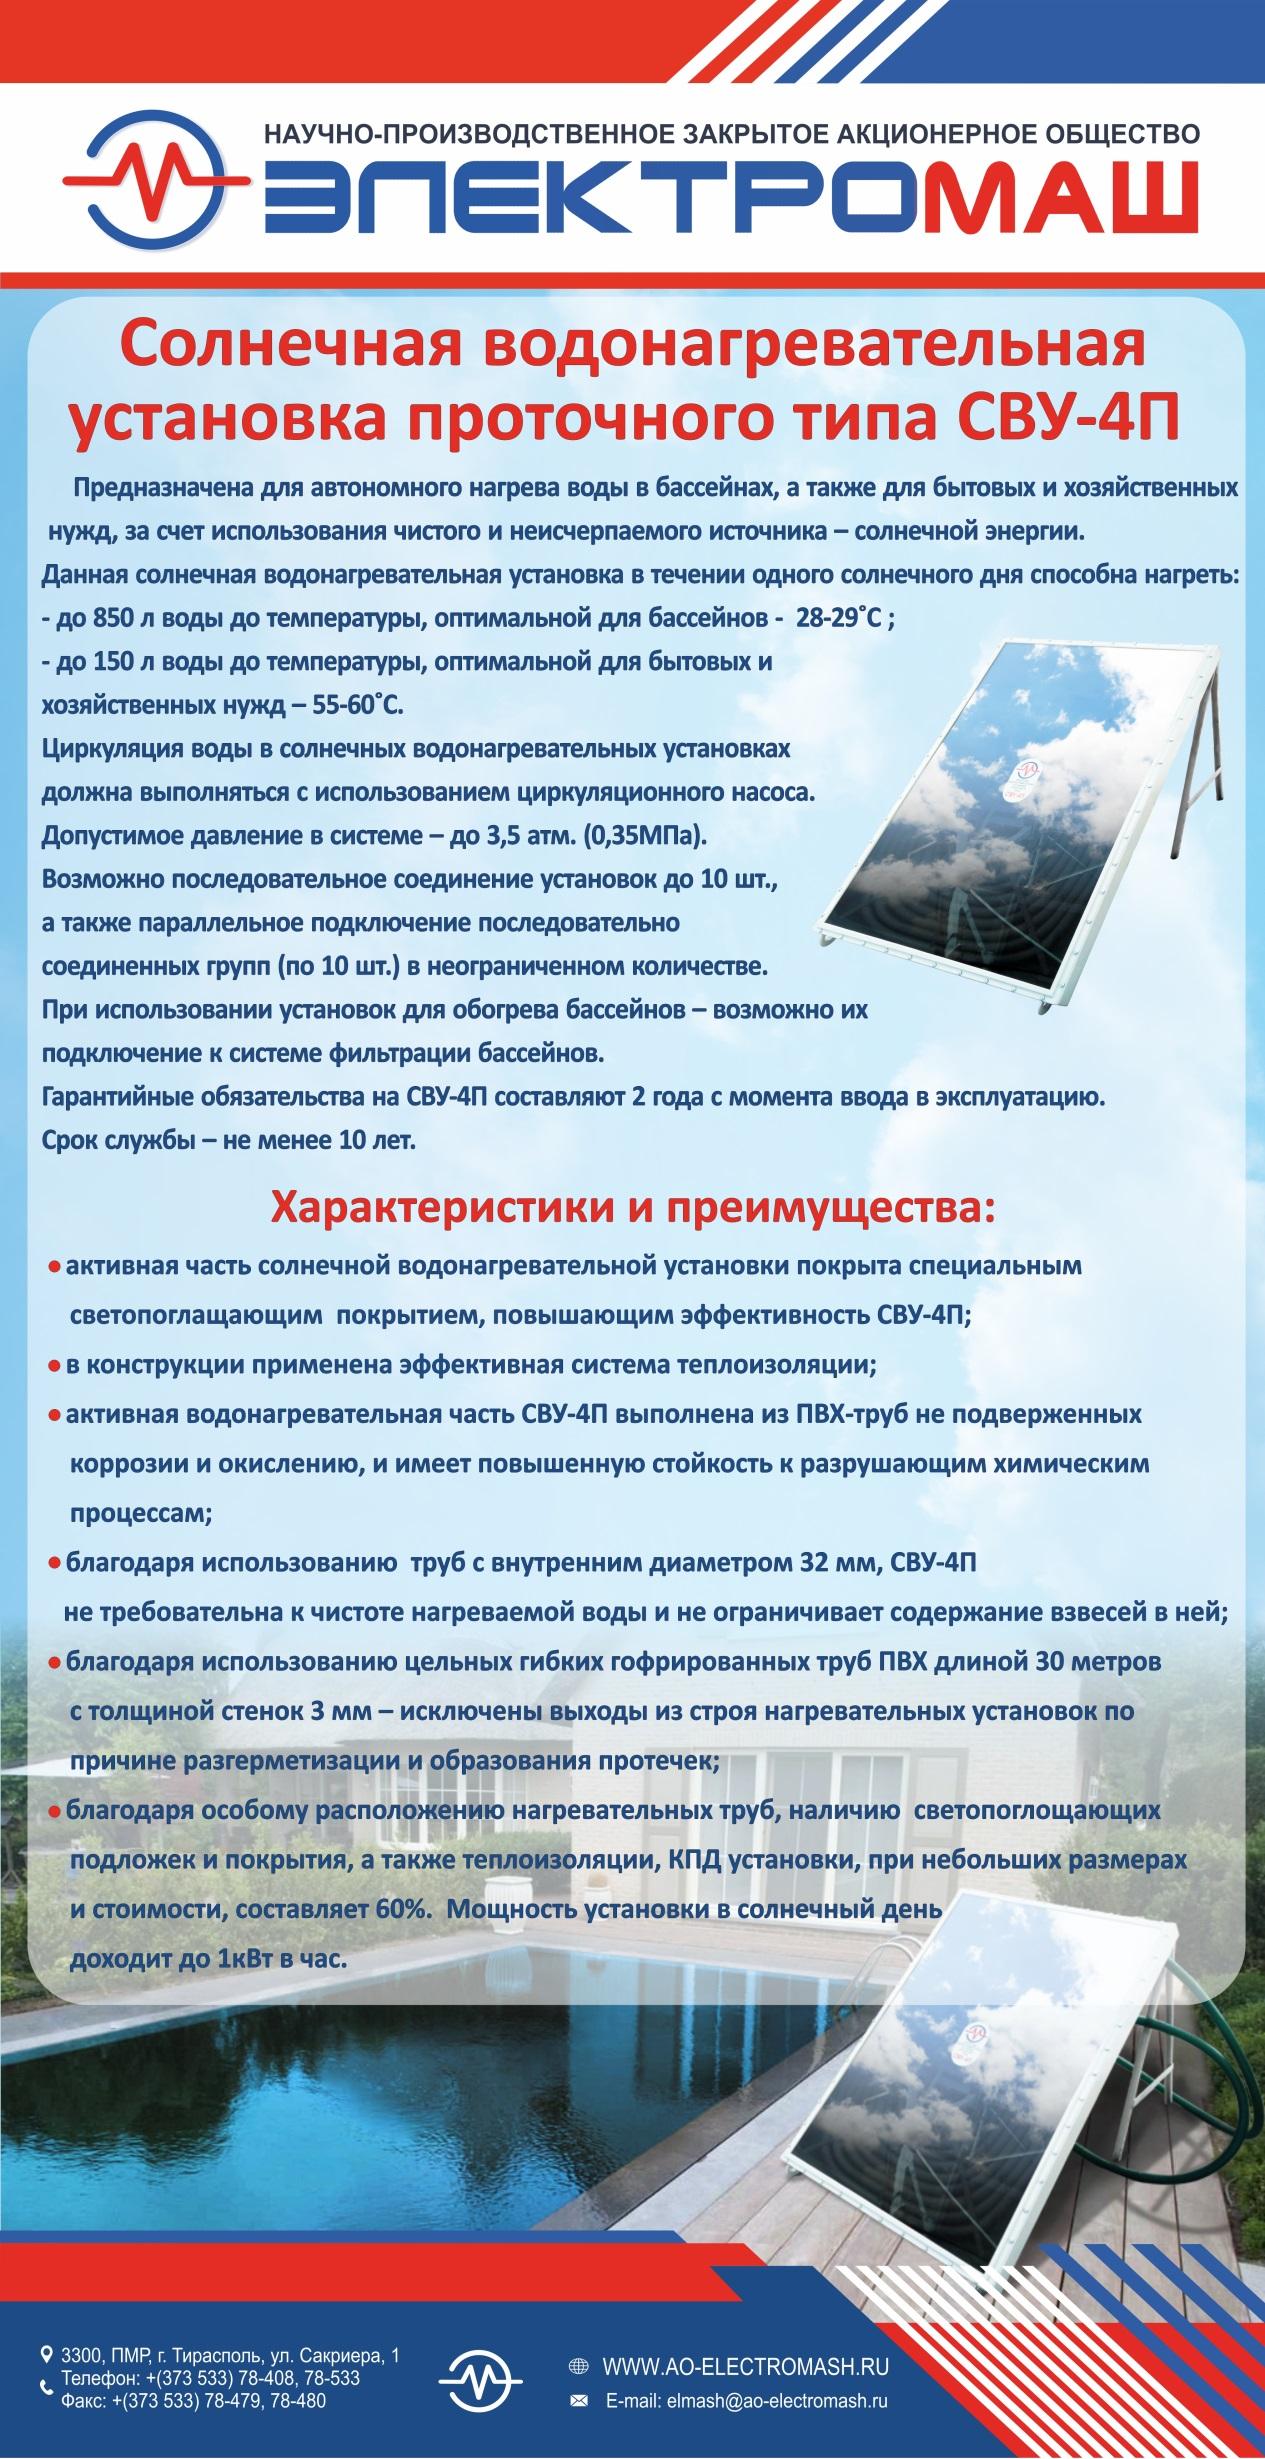 Солнечная водонагревательная установка СВУ-4